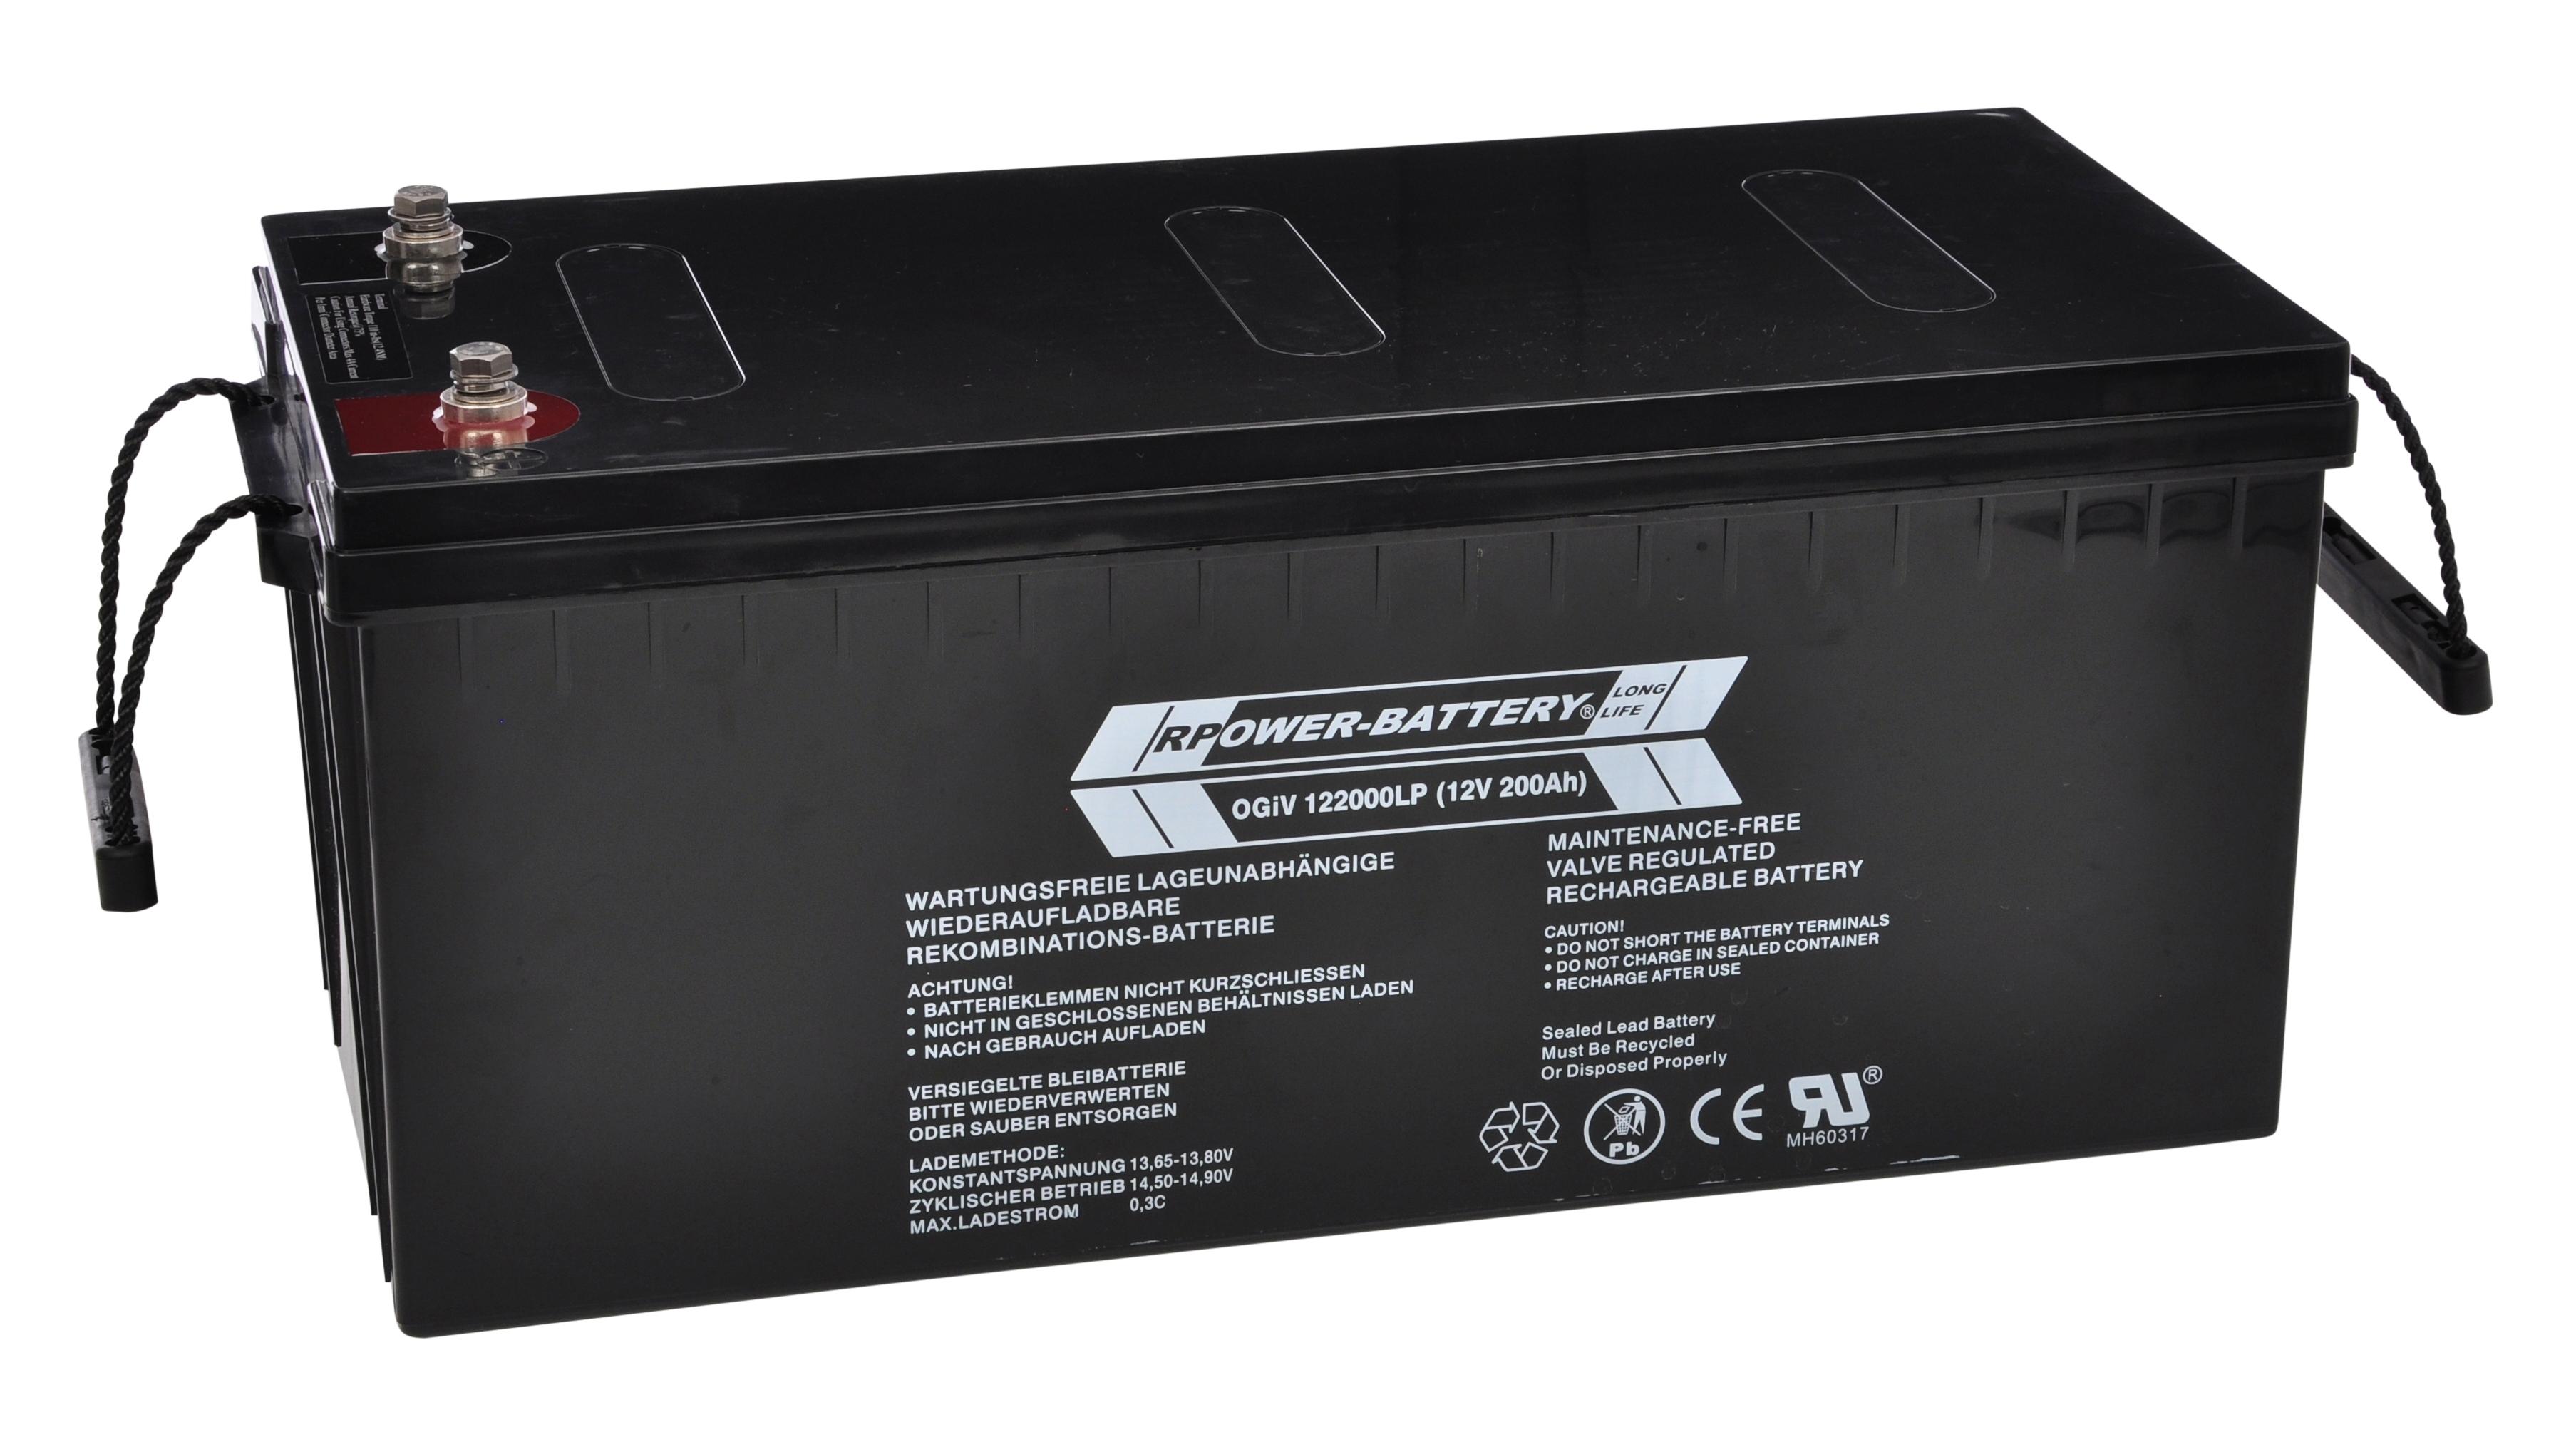 Batterie RPower OGiV longlife bis 12 Jahre 12V/212Ah (C20)